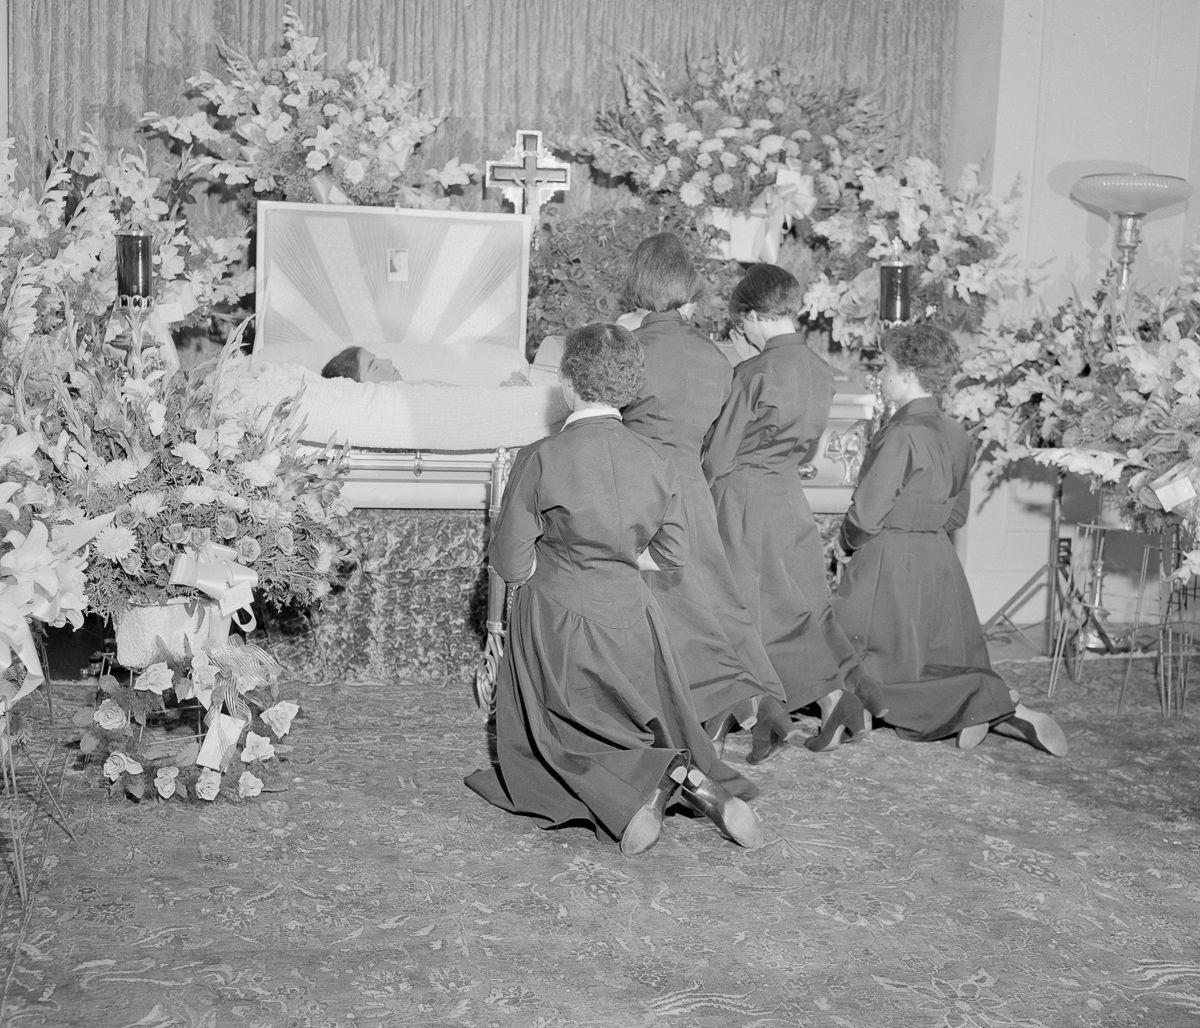 Cuộc đời kỳ lạ của 5 chị em sinh năm nổi tiếng nhất trong lịch sử - Ảnh 16.